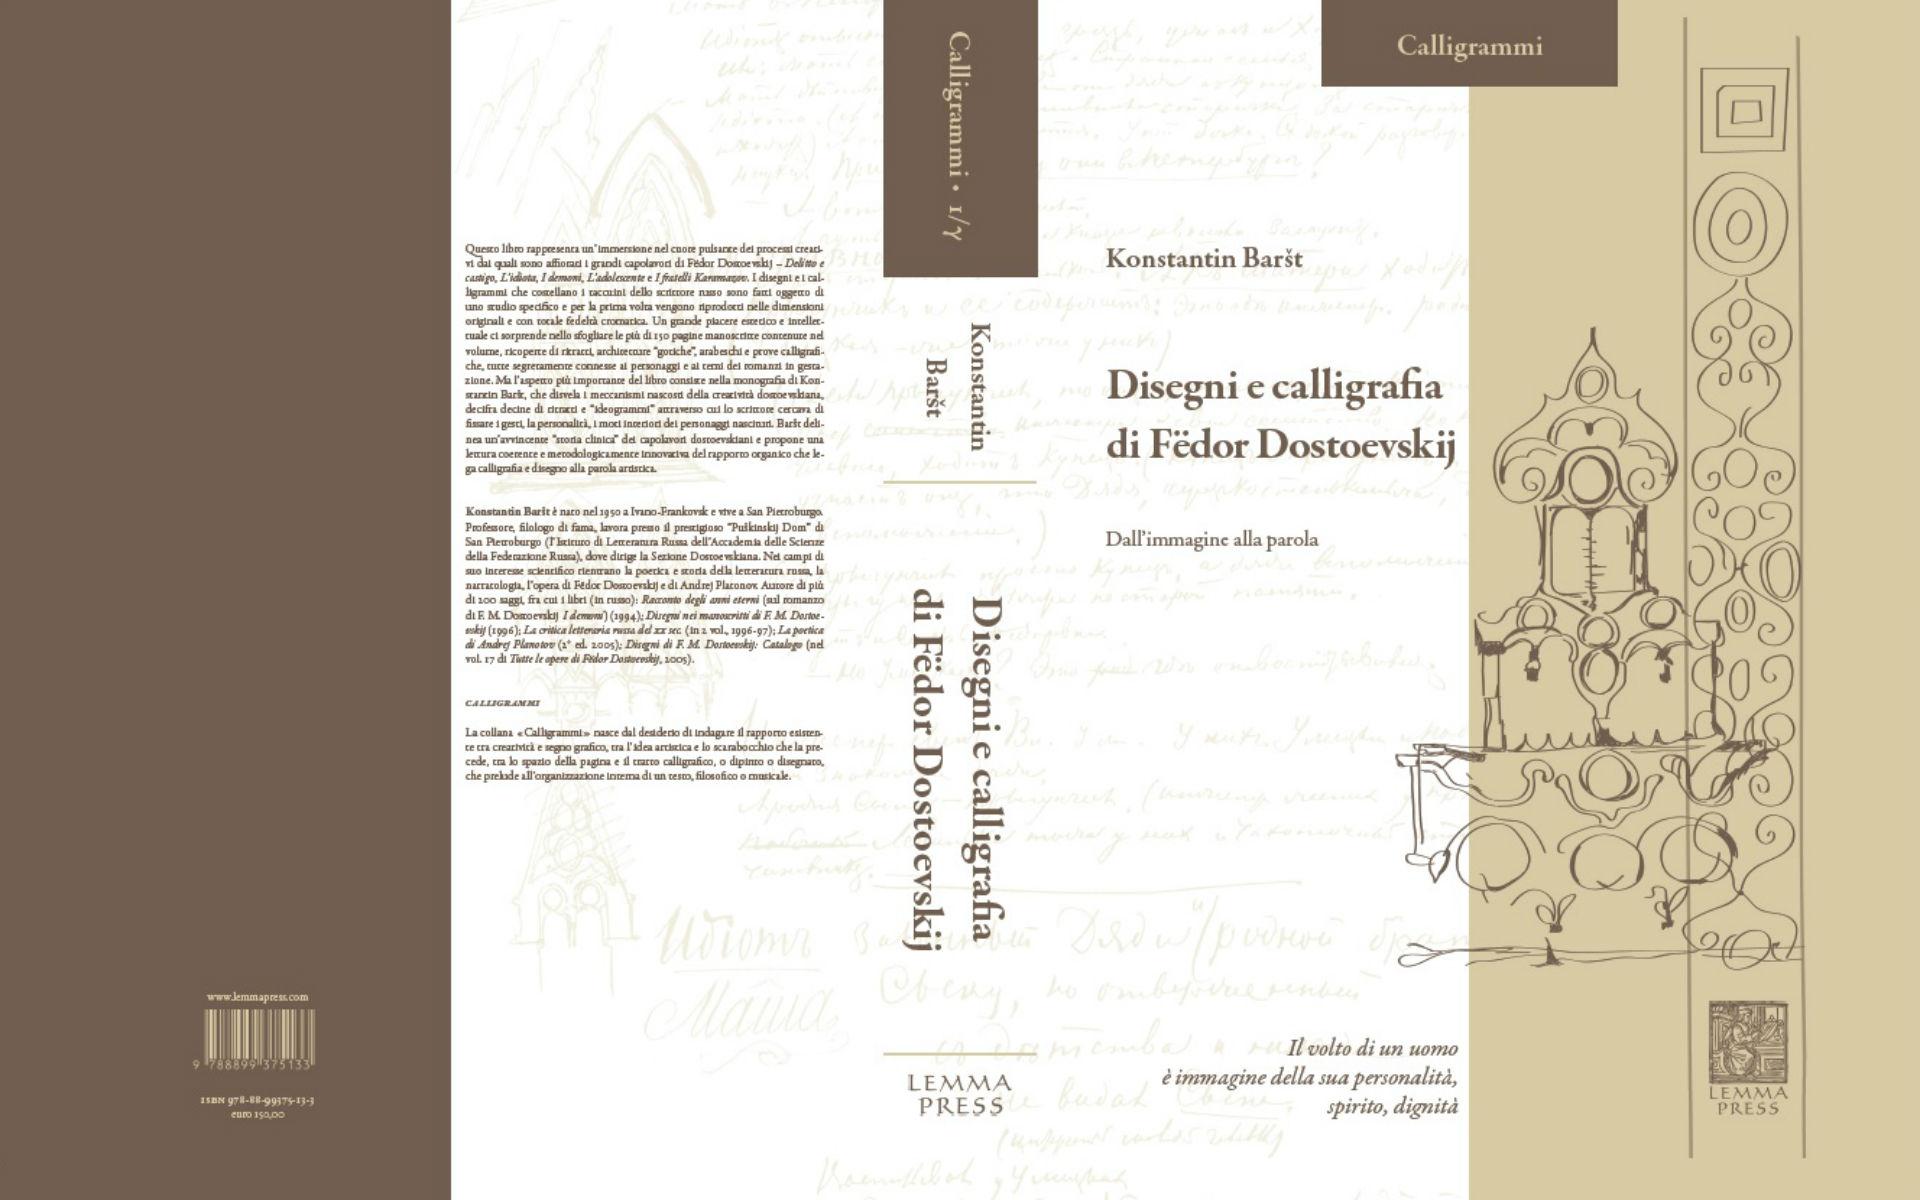 La copertina e il dorso del libro\n